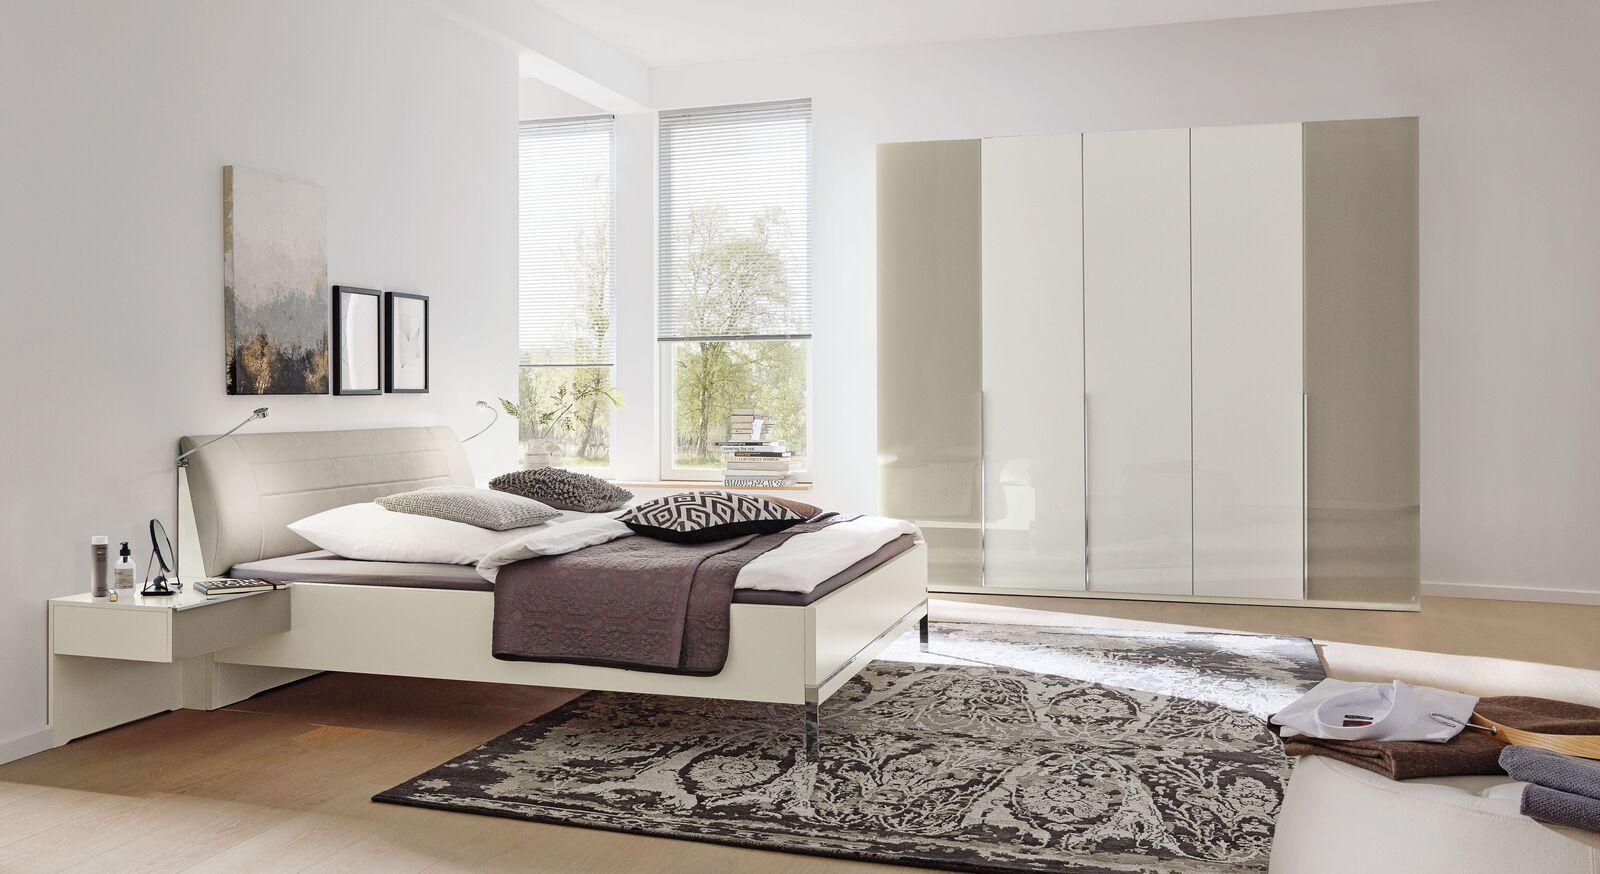 MUSTERRING Schlafzimmer San Diego Weiß mit ausgewählten Möbelstücken